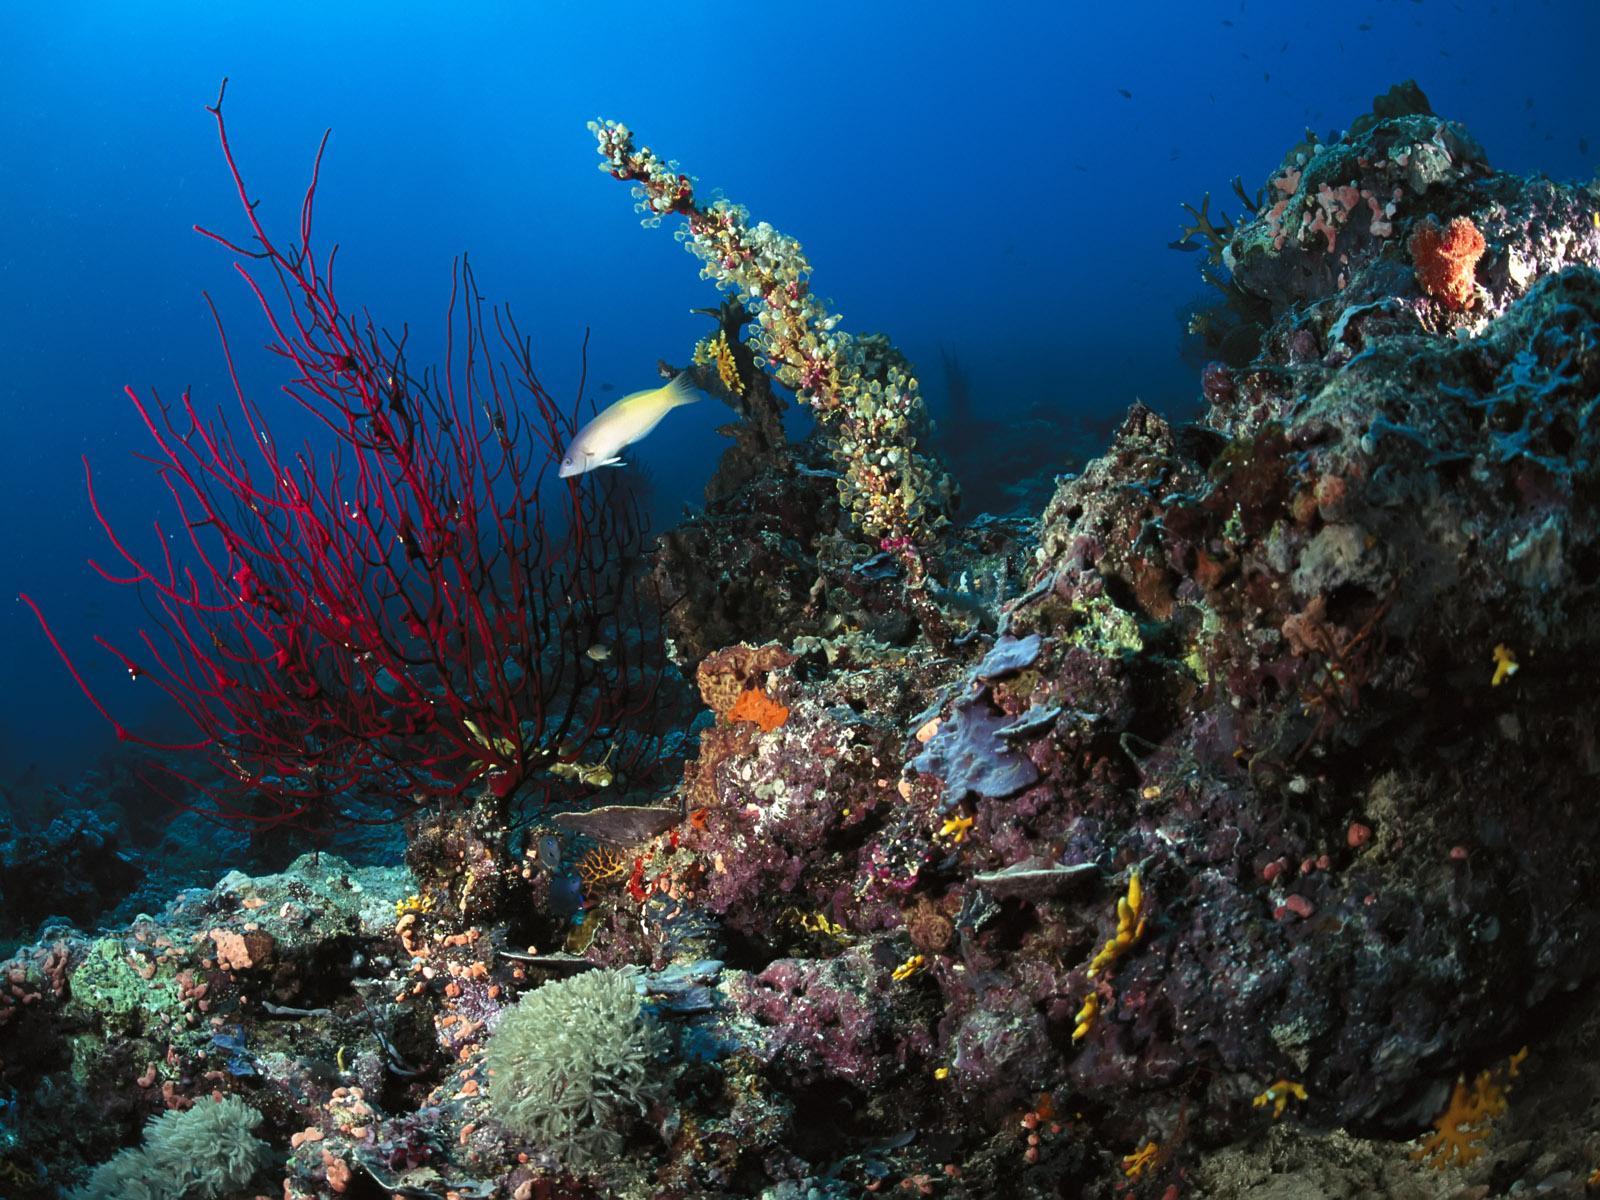 океан, рыба, рифы